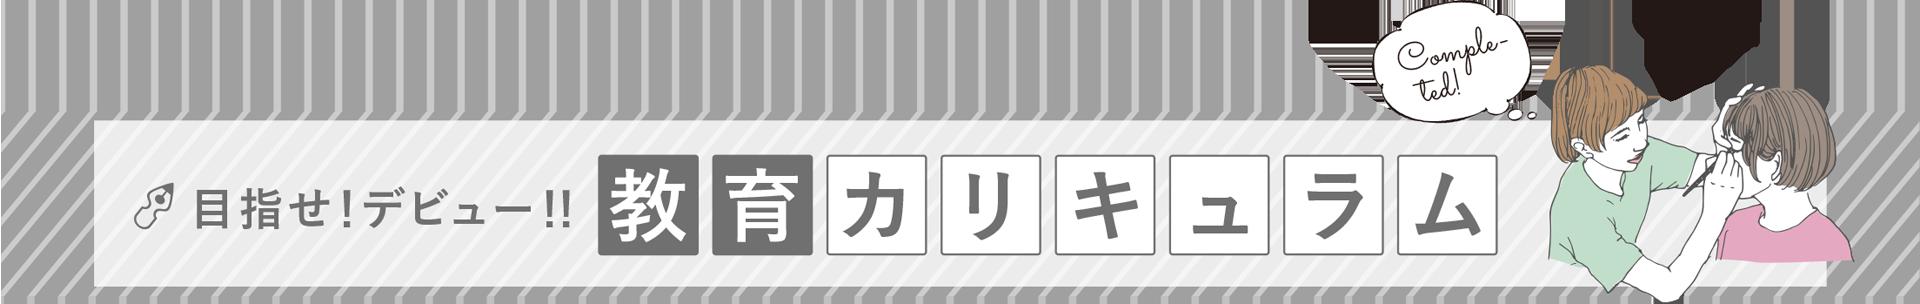 目指せ!デビュー!!教育カリキュラム